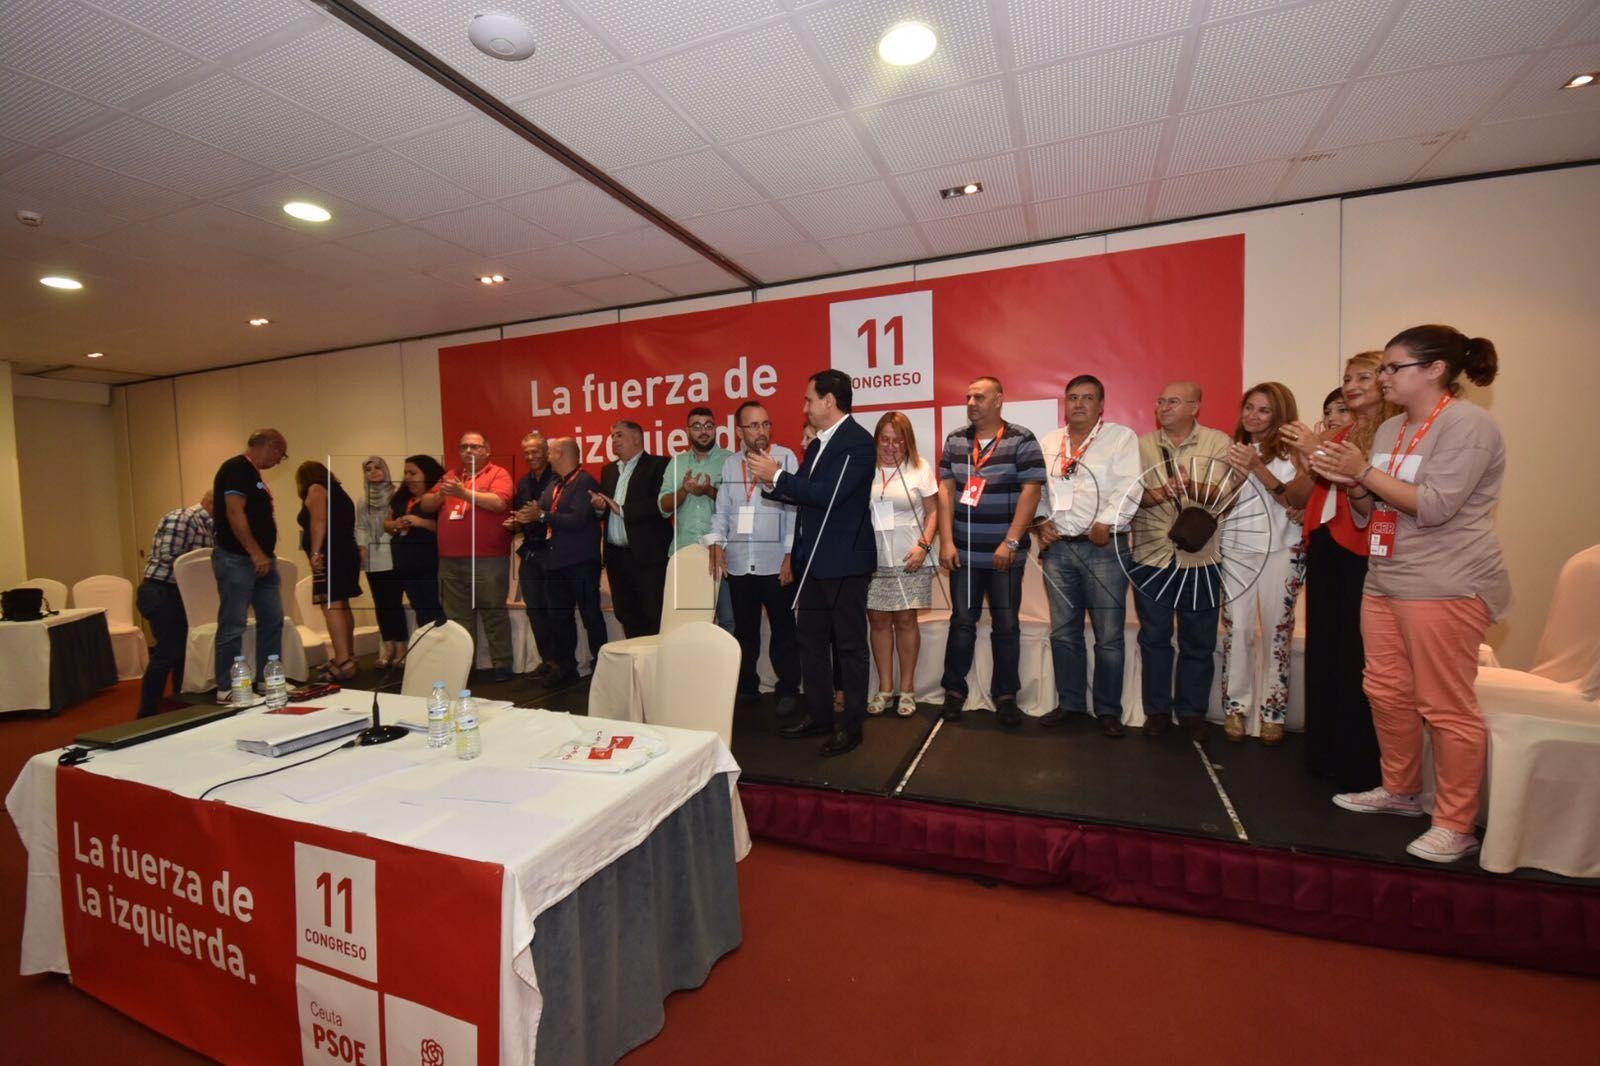 Un miembro de la Comisión Ejecutiva del PSOE resultante del congreso plantea ahora no estar en la dirección